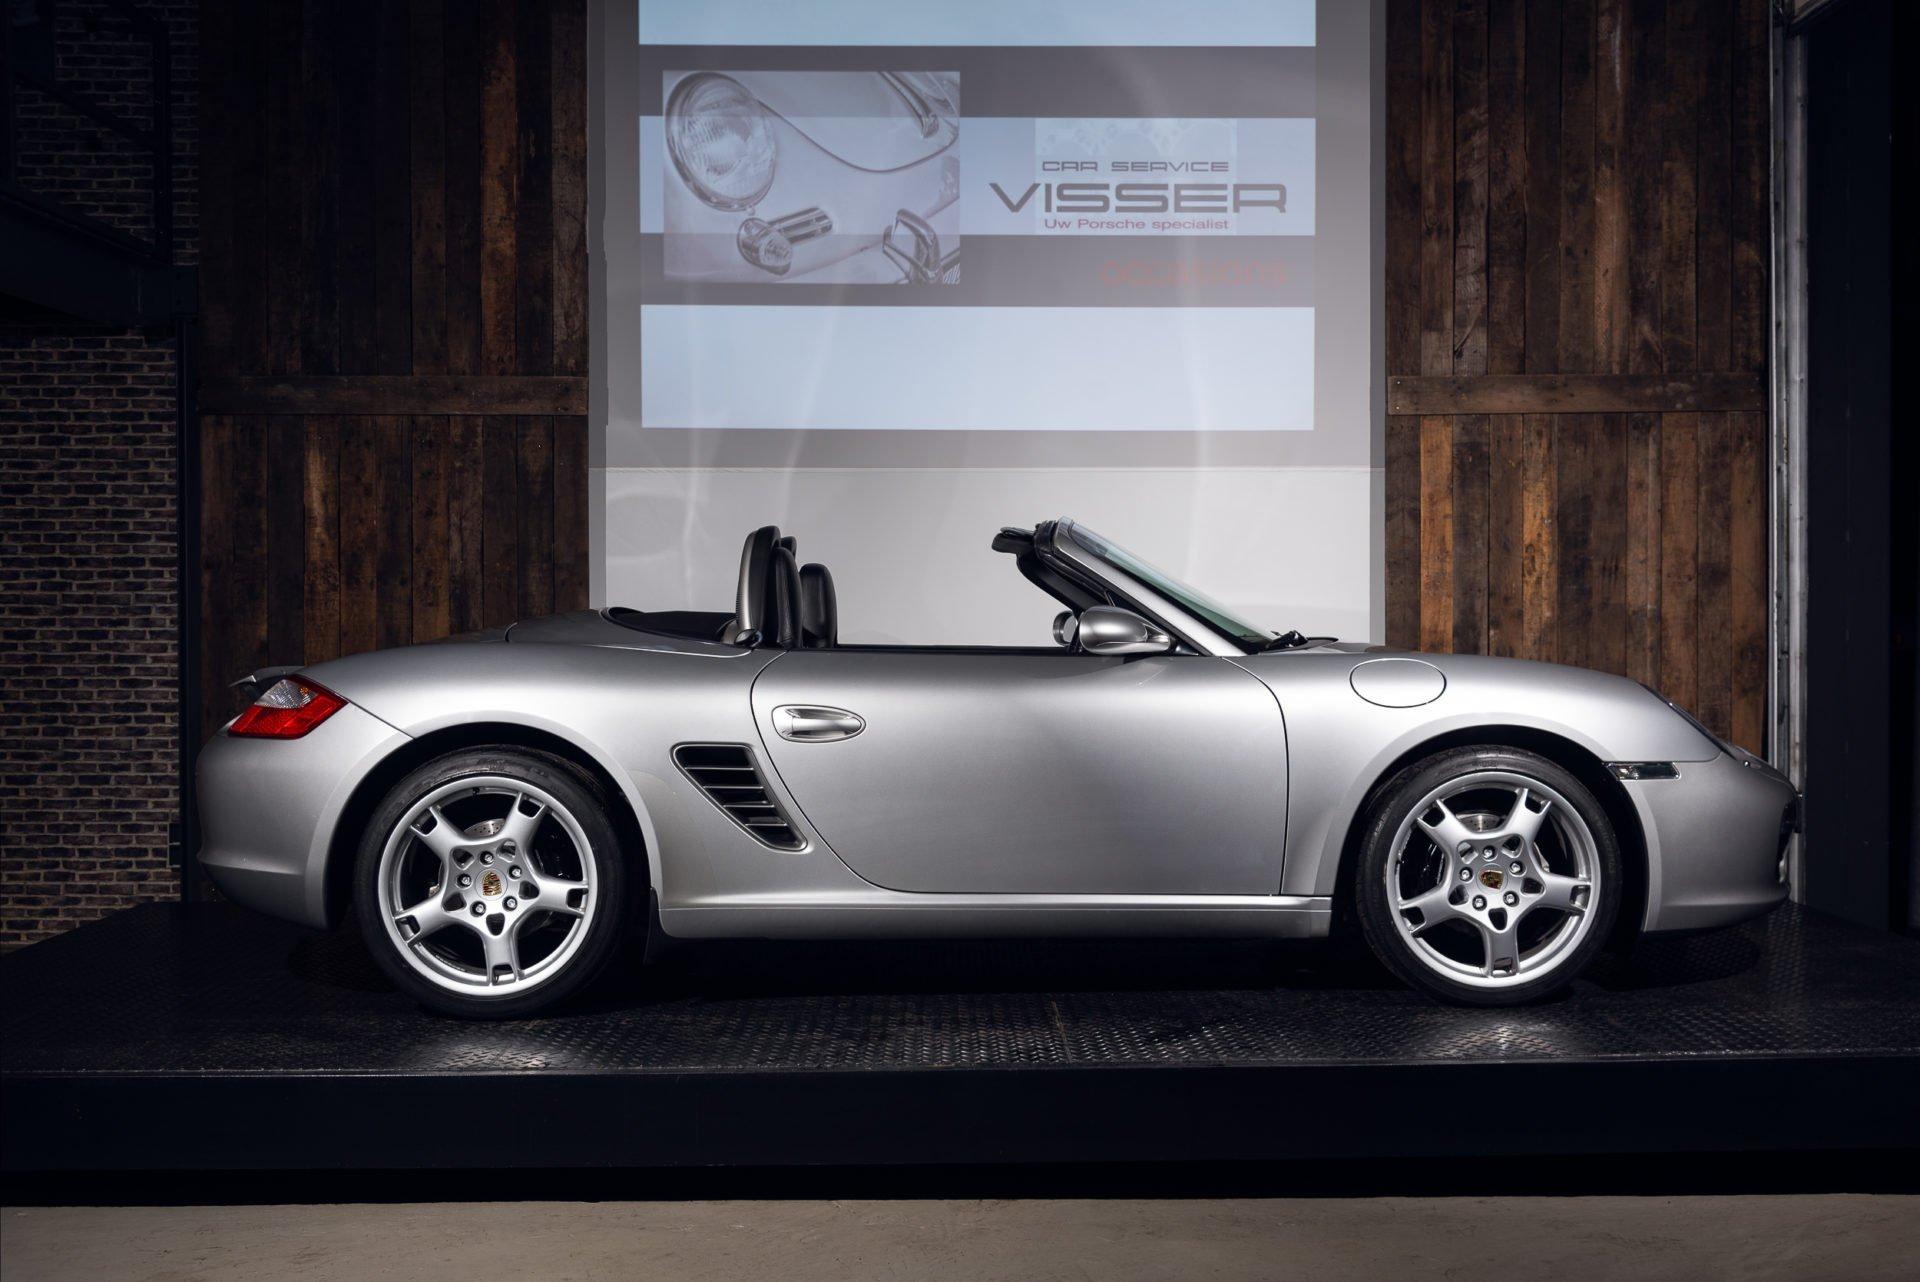 Porsche Boxster Zilver - 1